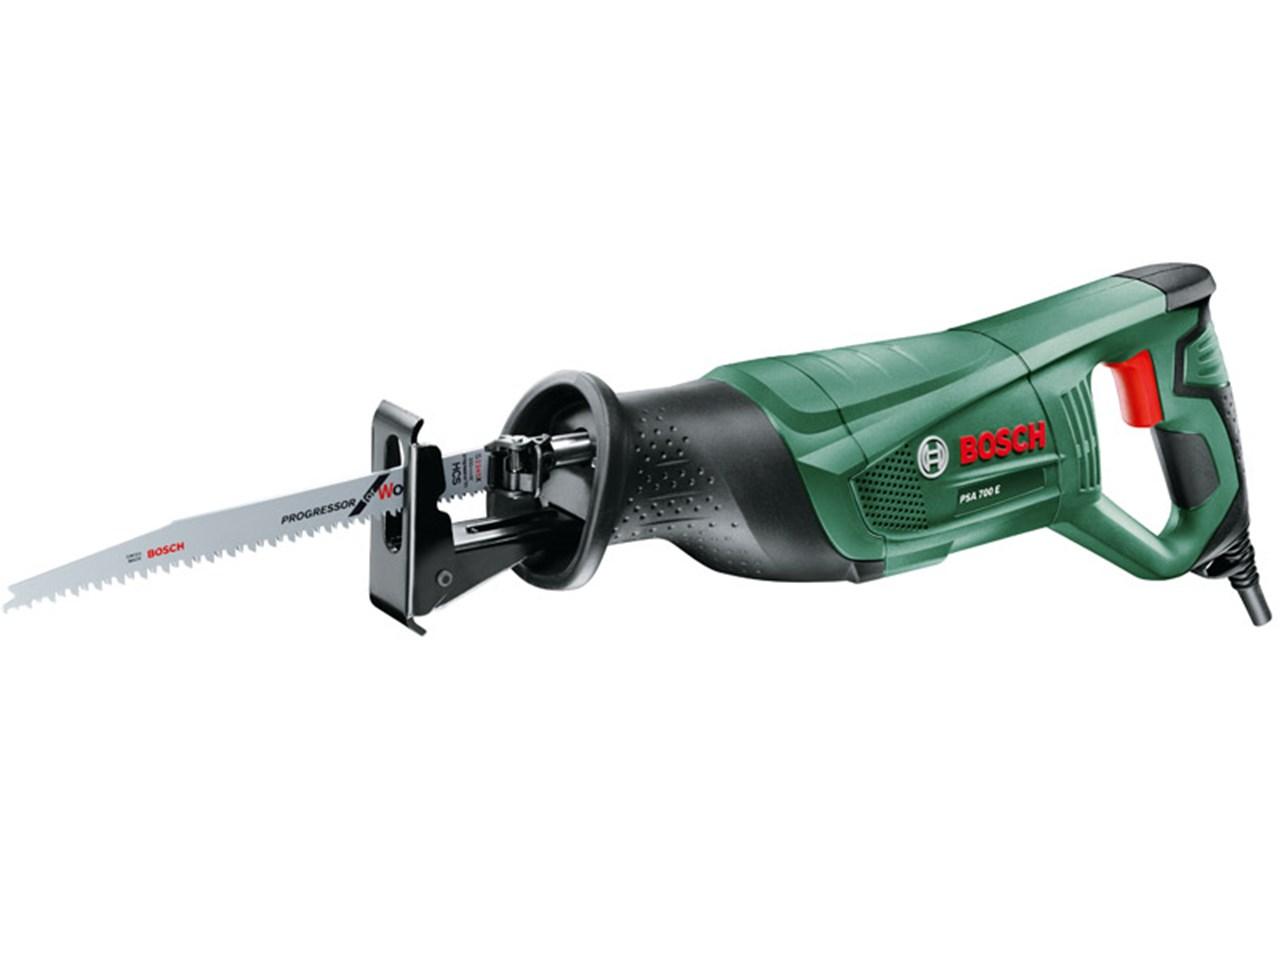 Bosch green psa700e 710w 240v sabre saw for Accesorio de iluminacion castorama